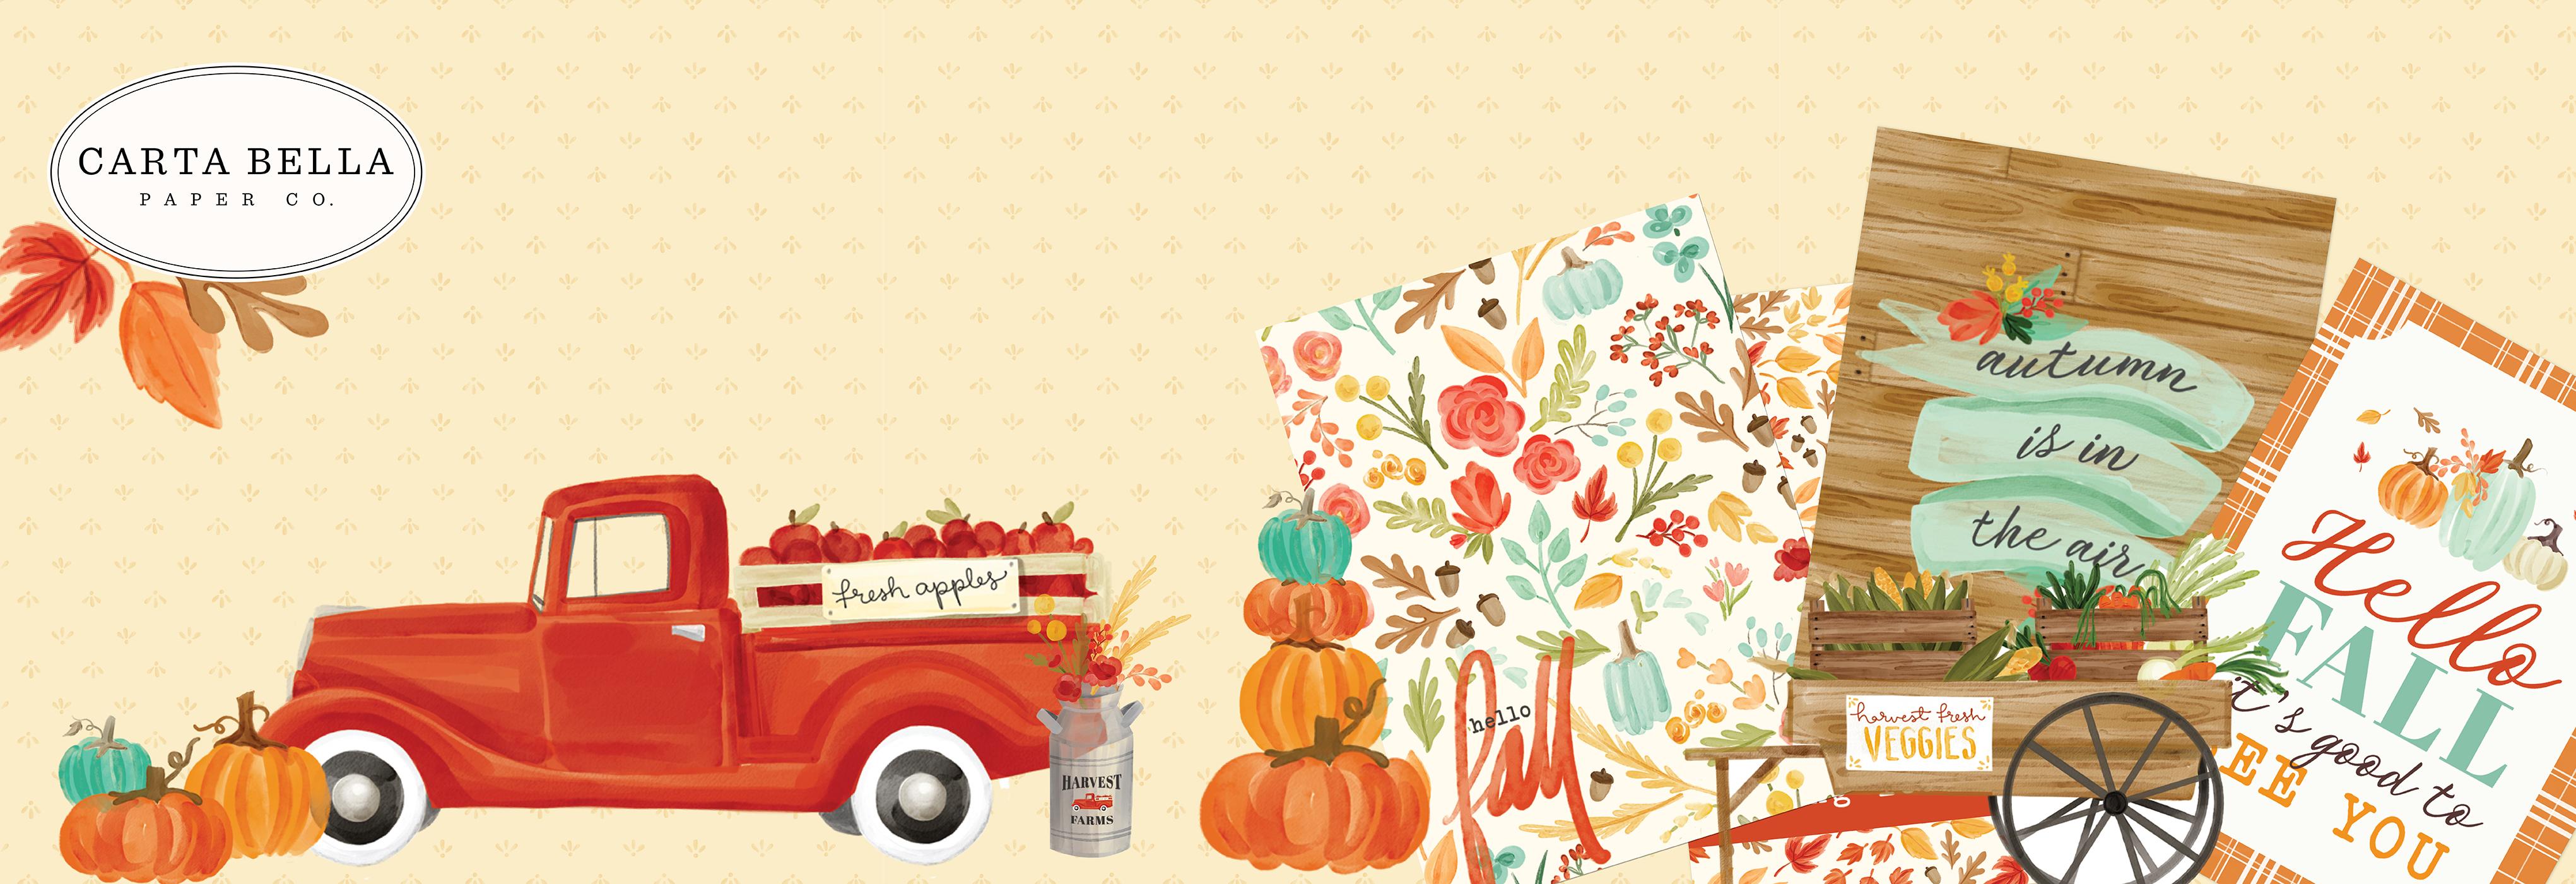 cb-fall-market-snap-click-banner-4083.jpg